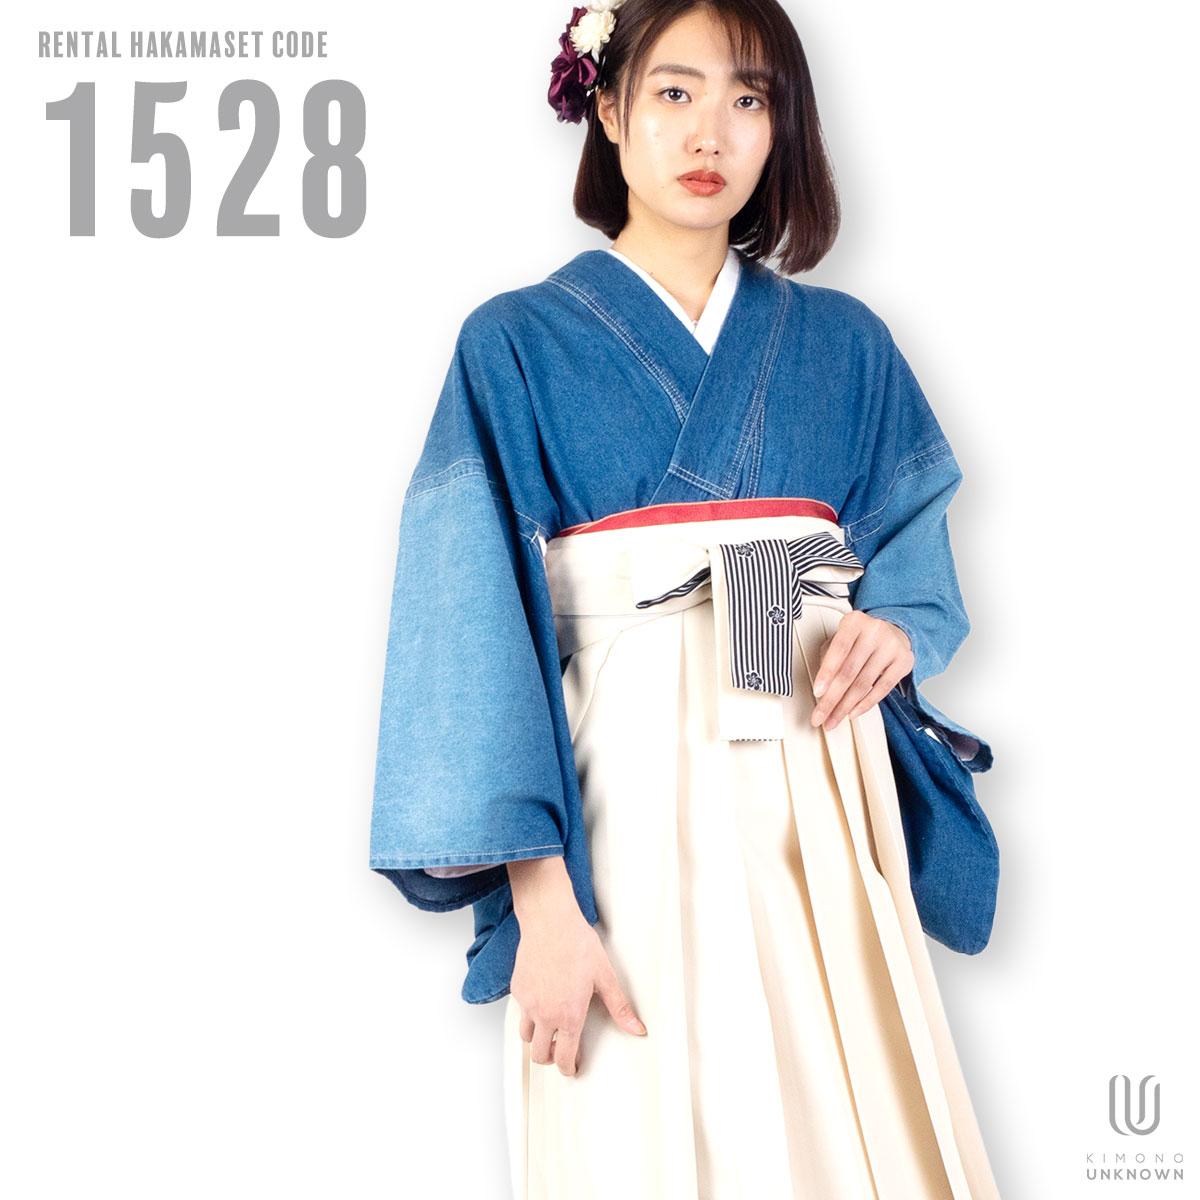 【レンタル】【対応身長157cm~165cm】【キュート】卒業式レンタル袴フルセット-1528|デニム|青|水色|白|